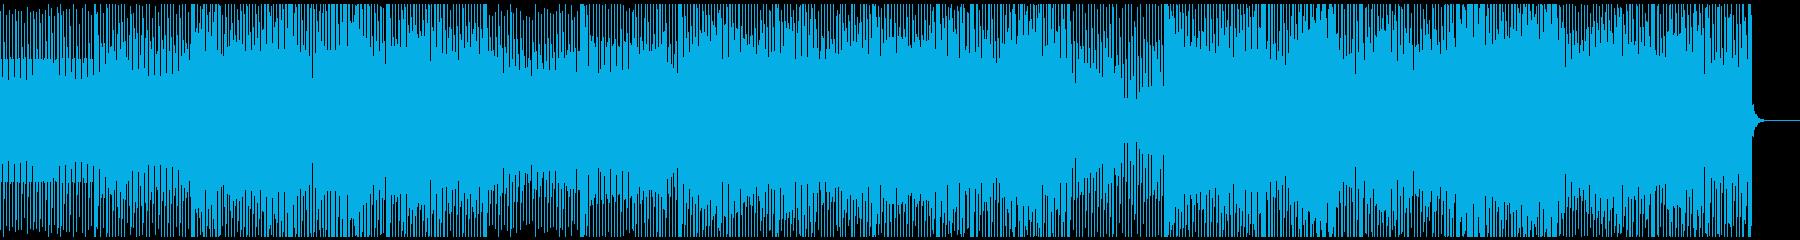 あわただしい、焦り、朝の10分、テクノの再生済みの波形